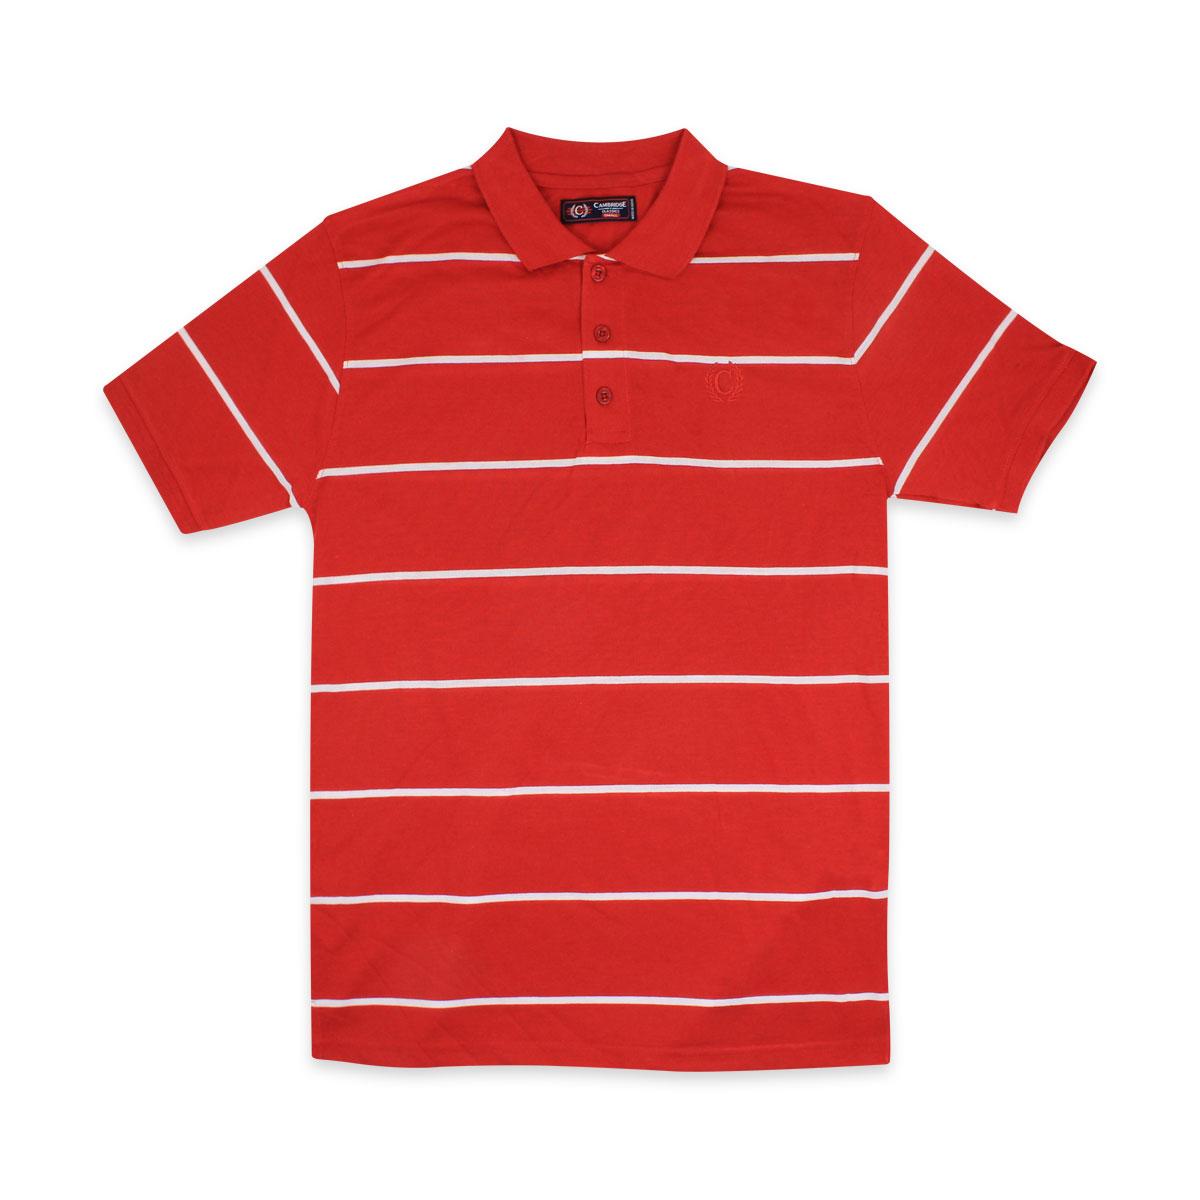 Camisas-Polo-Para-Hombre-A-Rayas-Pique-Con-Cuello-camiseta-Camiseta-Manga-Corta-De-Verano-S-M-L-XL miniatura 31